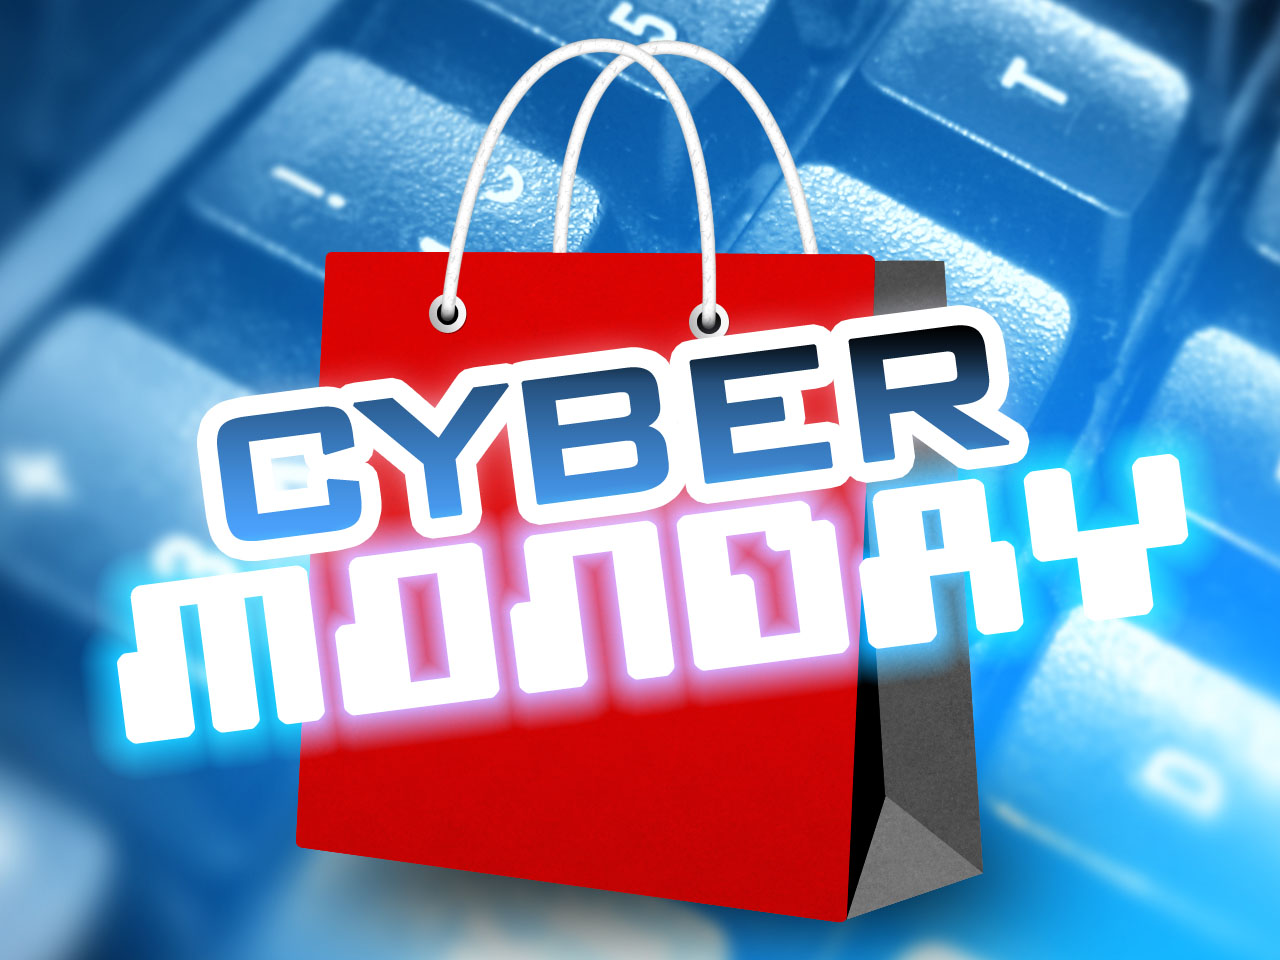 El CyberMonday 2013 será el lunes 25 de noviembre y se esperar que no se repitan los problemas del año pasado.